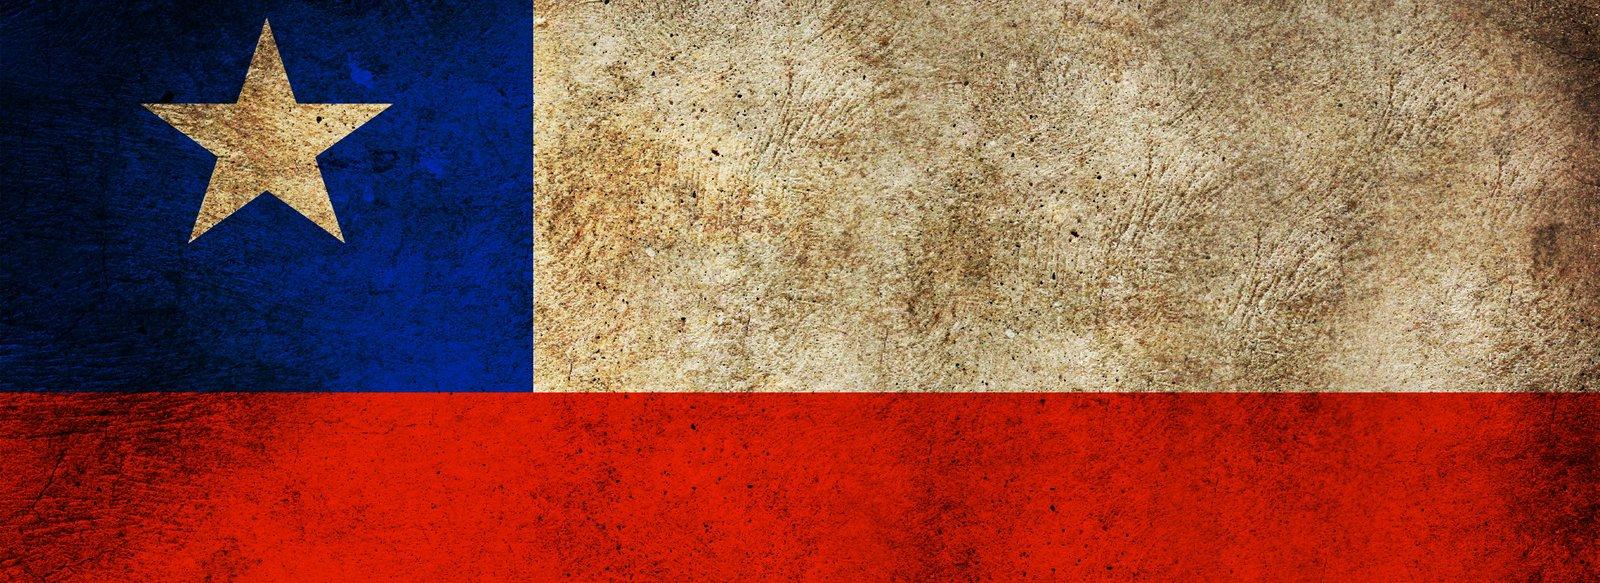 2eab09954ec4 Breve antología de poesía chilena – Círculo de Poesía